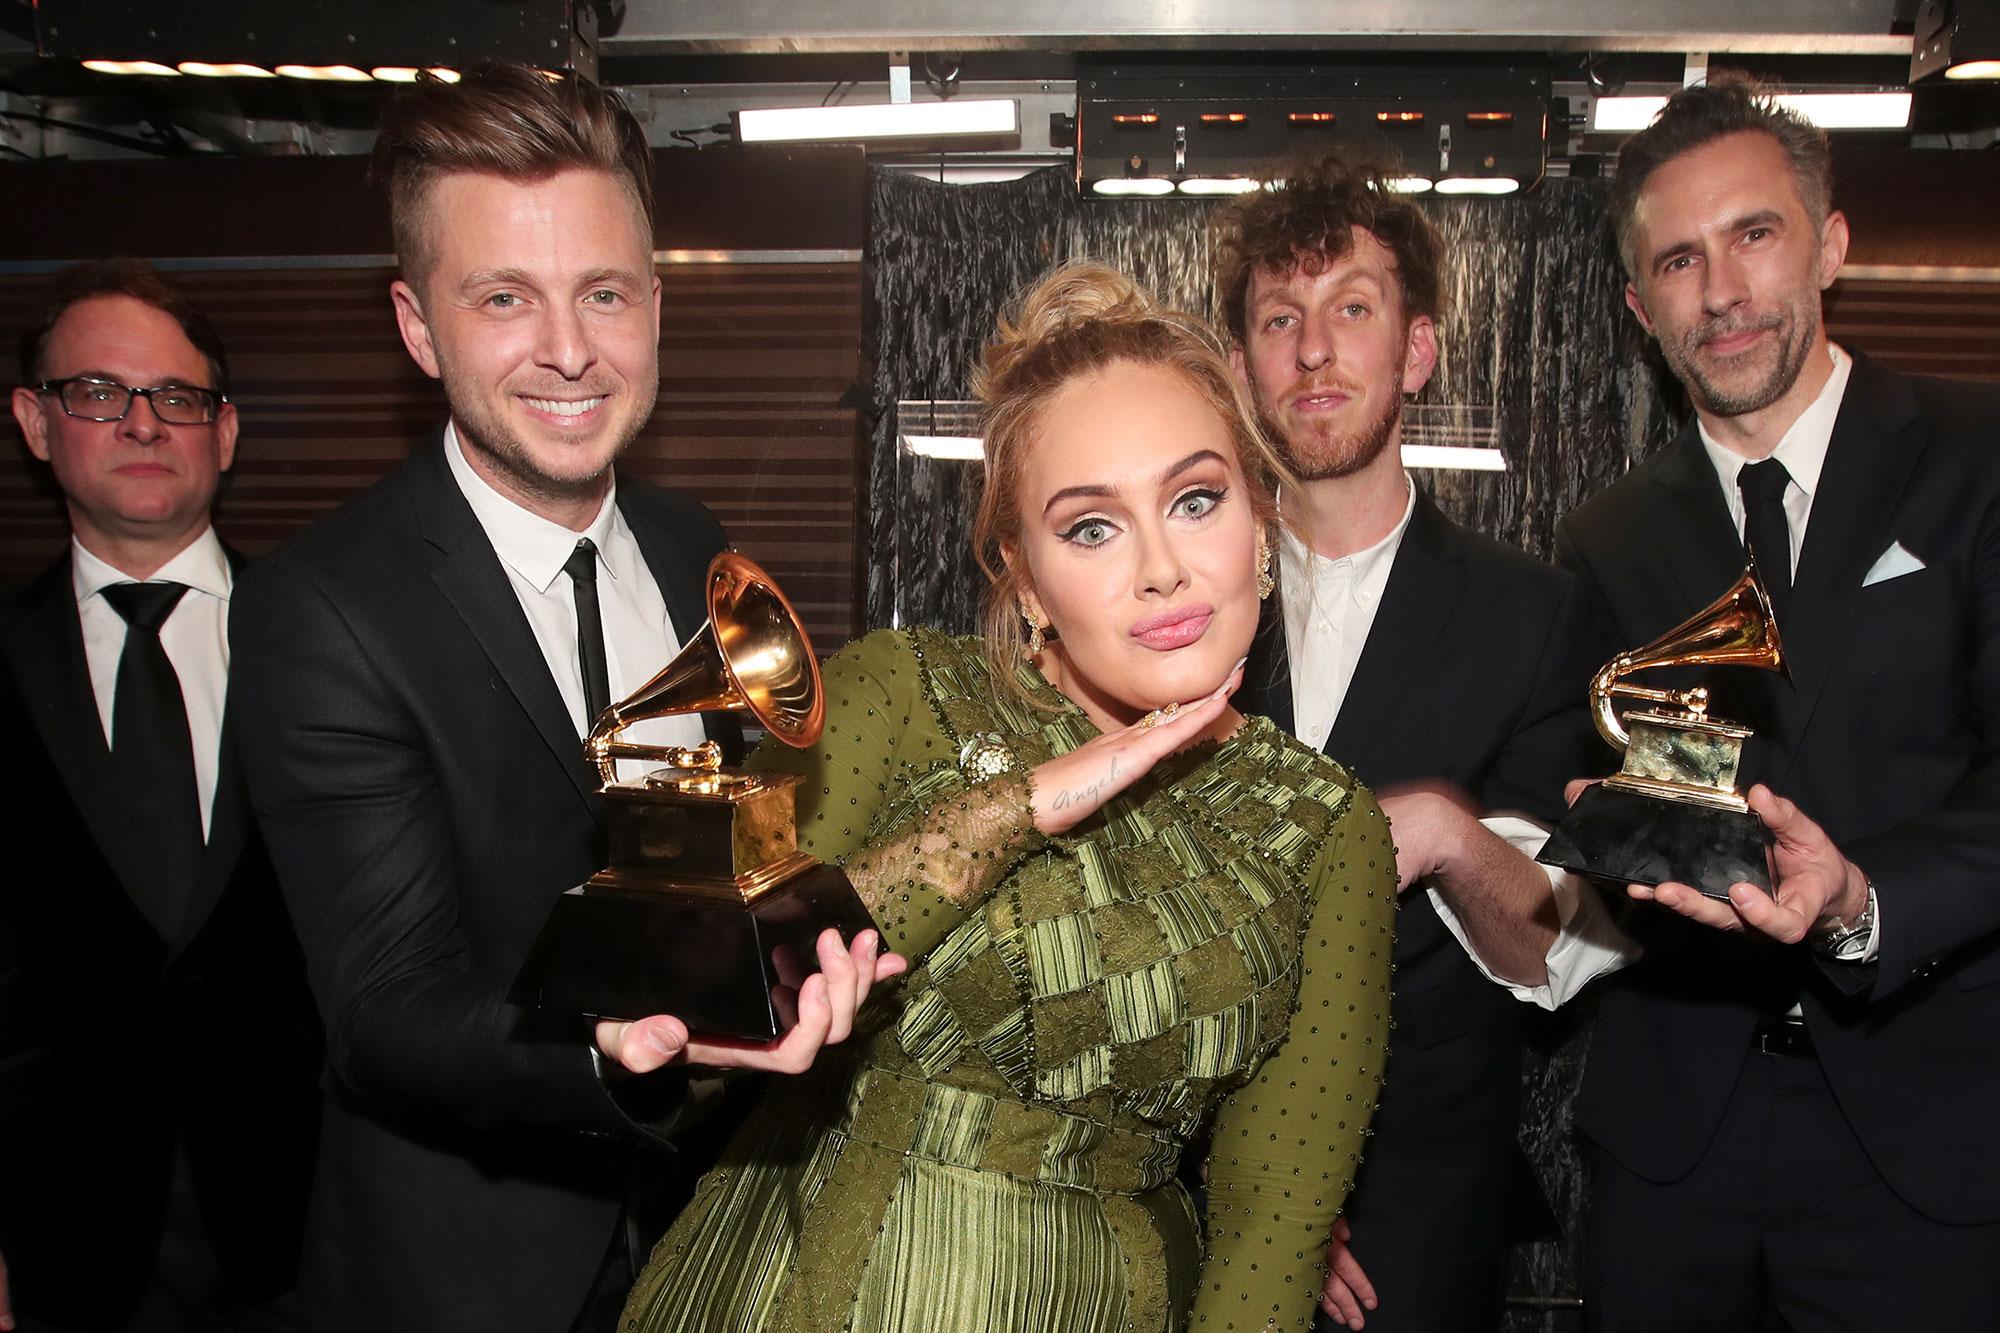 Ryan Tedder, Adele